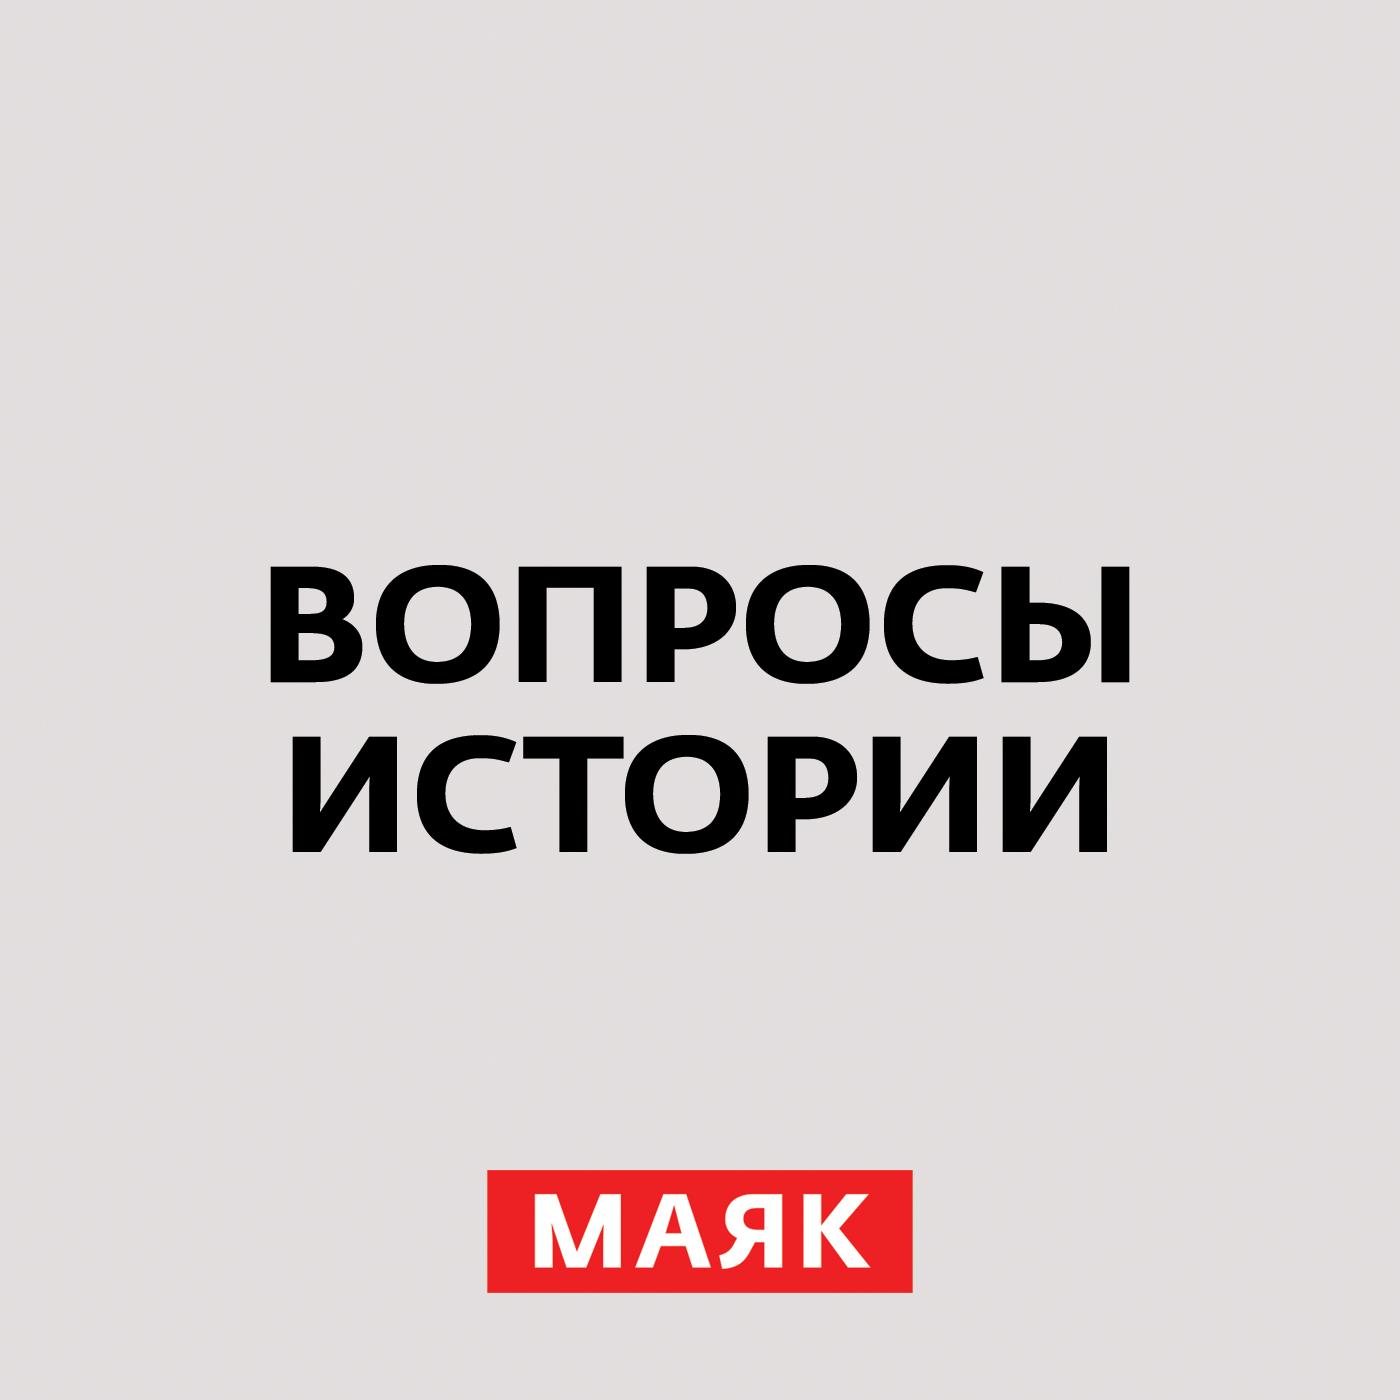 Андрей Светенко Что привело к августу 91-го. Часть 1 андрей светенко исторические предпосылки парламентаризма в россии часть 2